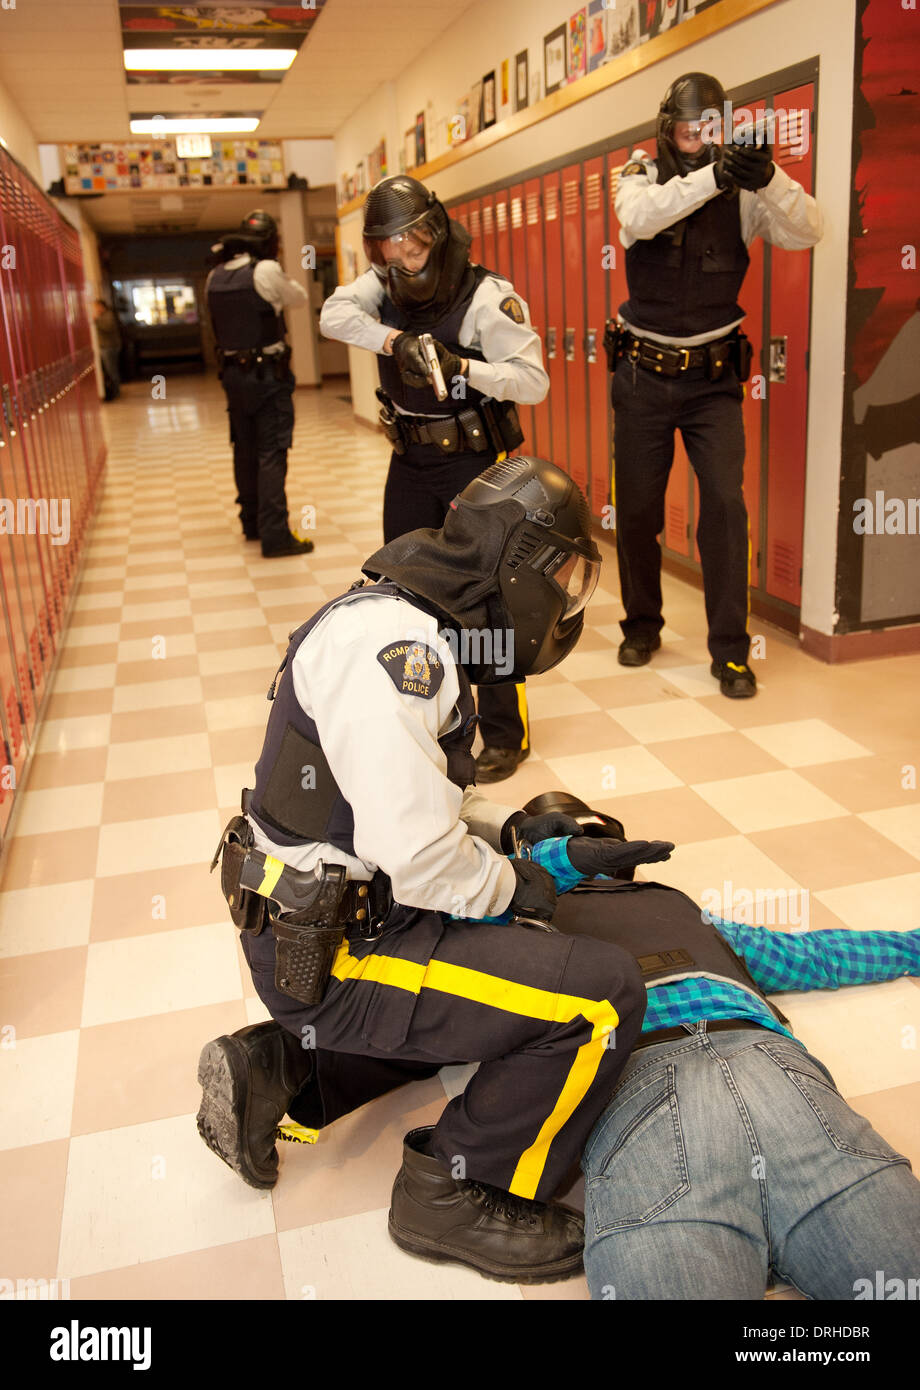 Les agents de police de la GRC prennent part à un exercice d'entraînement de la menace de SWAT, IRT et tactique, intervention dans une école secondaire. Photo Stock